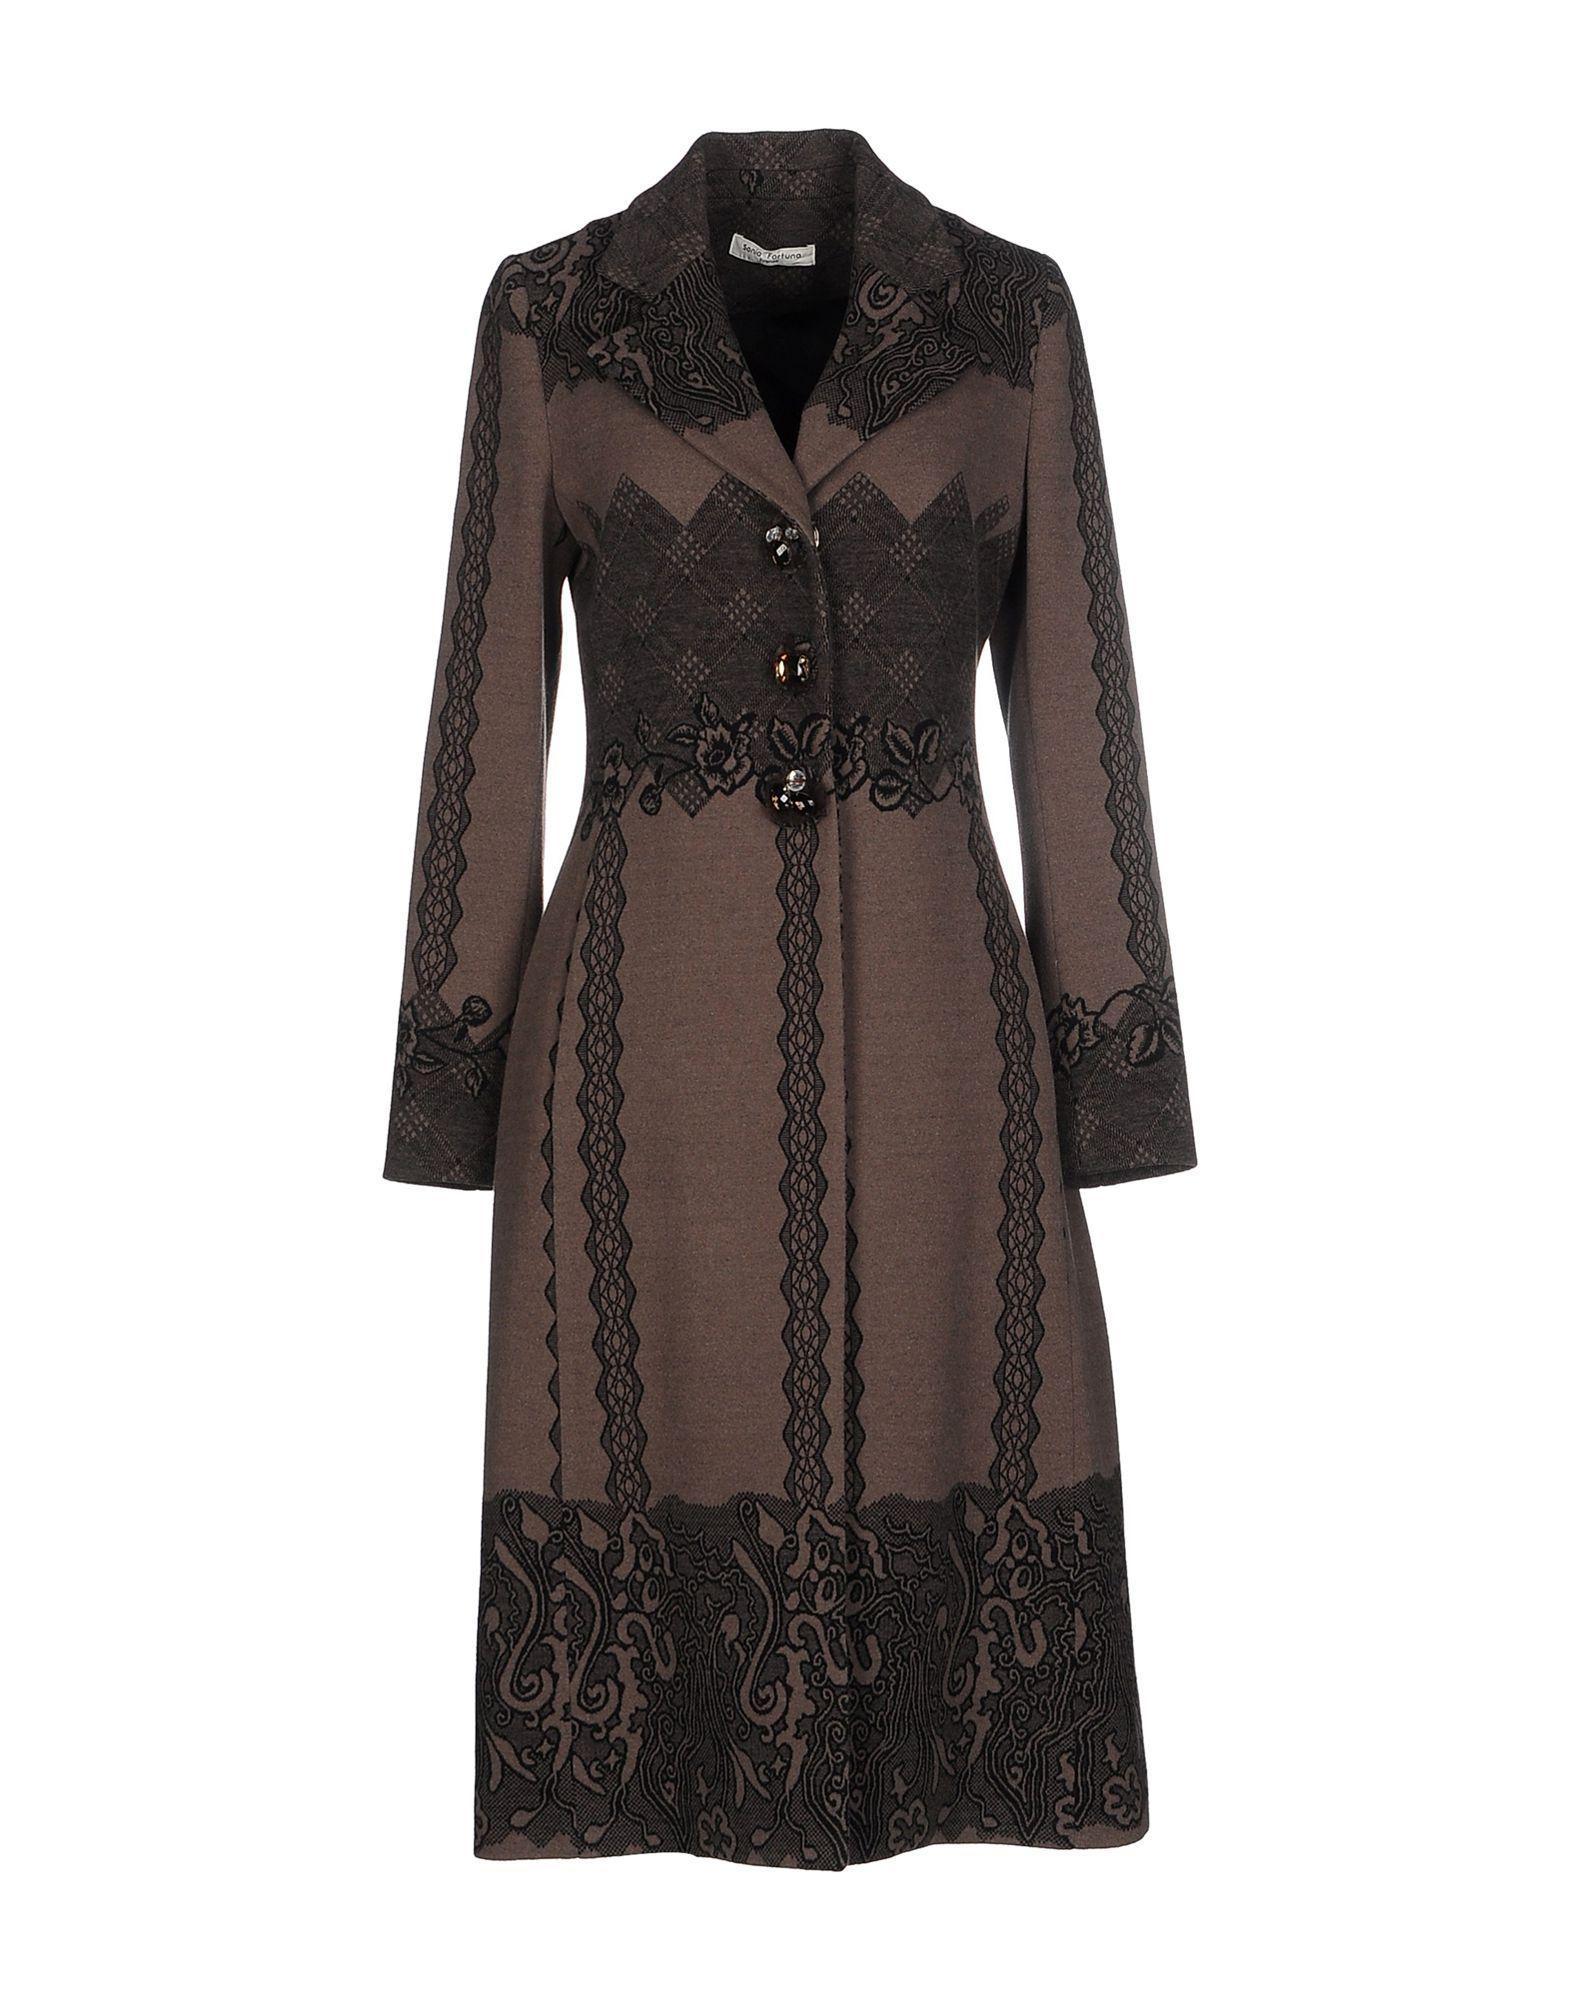 Sonia Fortuna Пальто Для Женщин - Пальто Sonia Fortuna на YOOX - 41624928TI